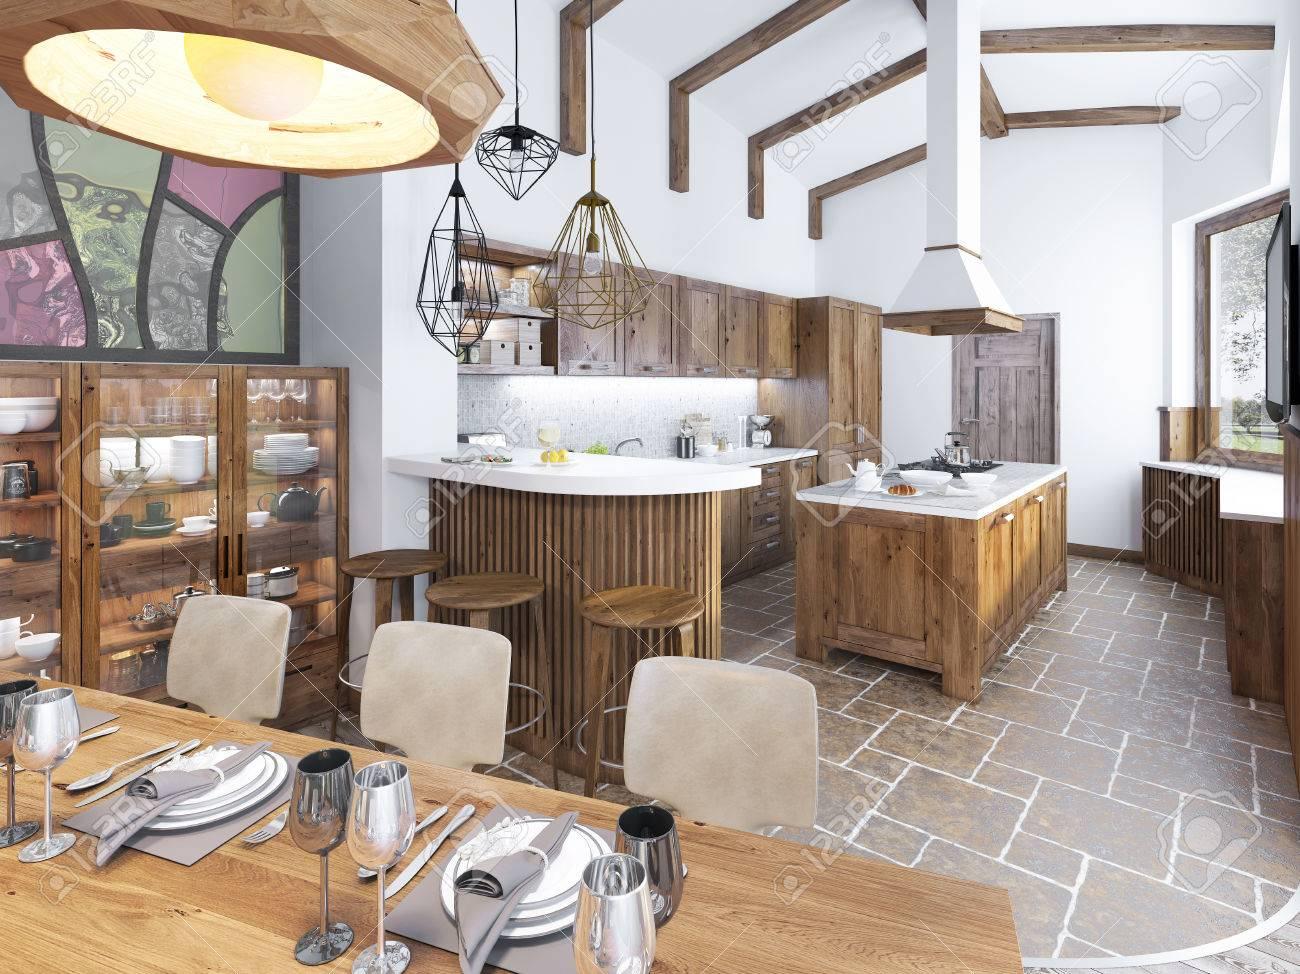 moderne küche und esszimmer auf dem dachboden. küchenmöbel aus